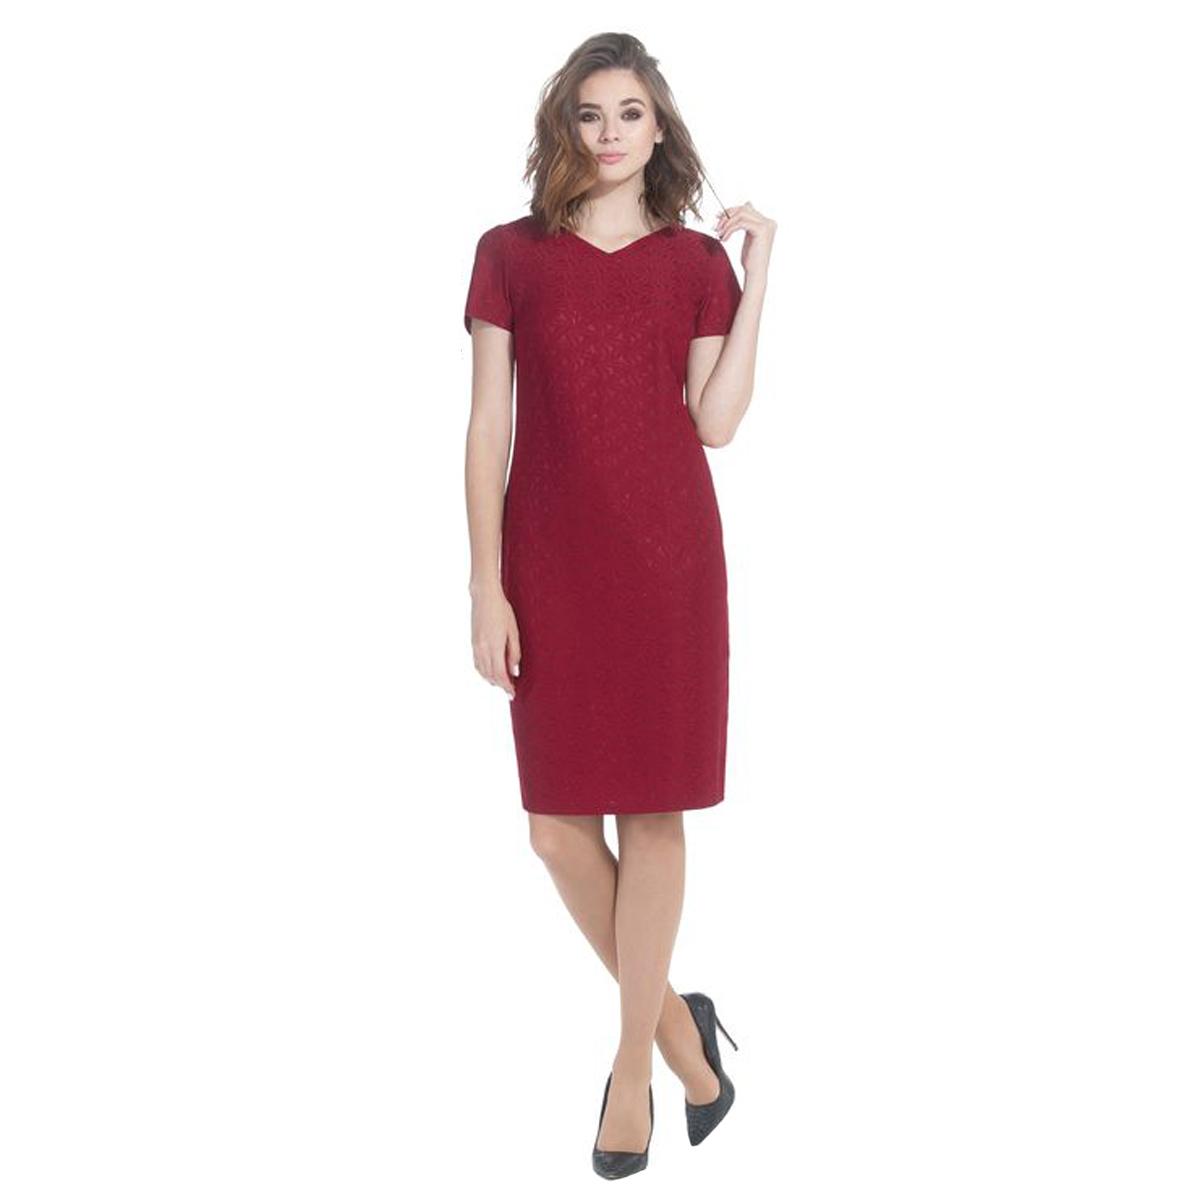 Платье KISLIS, 8072 УС kislis женский пике mv2207 01